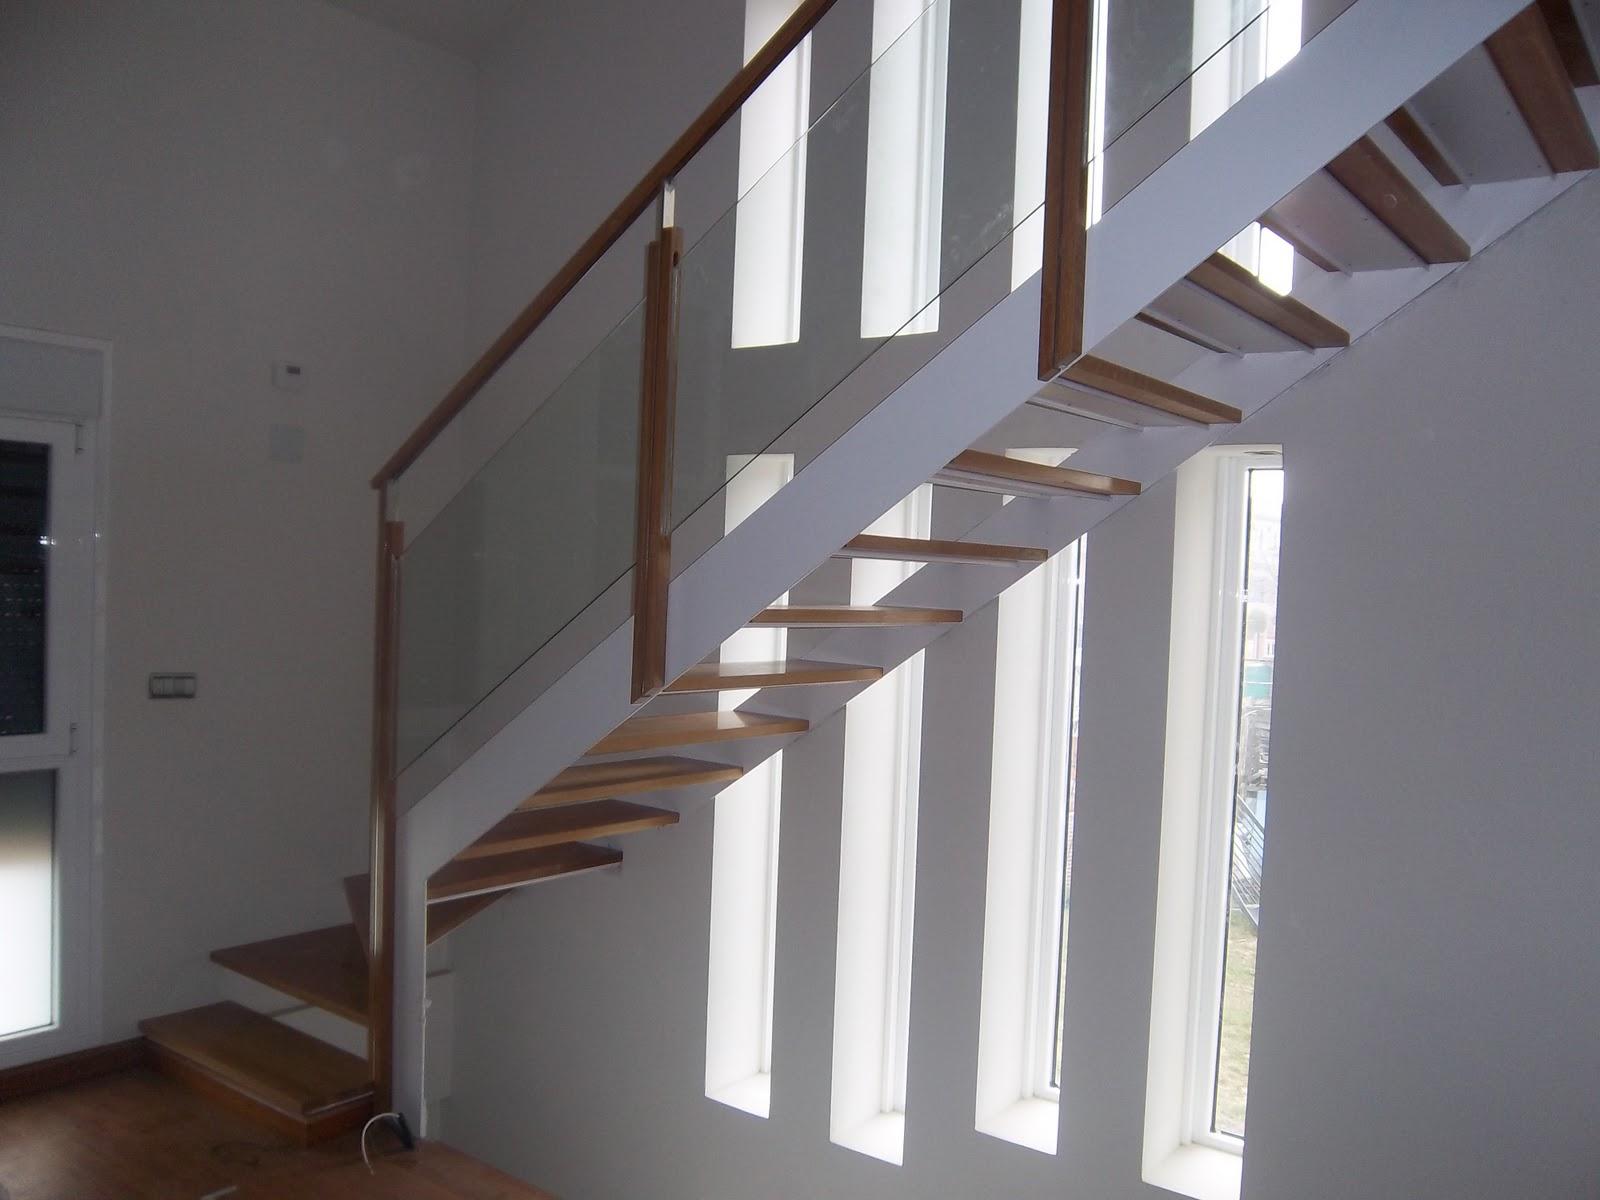 Norbel carpinteria met lica y acero inoxidable escalera - Barandillas de hierro ...